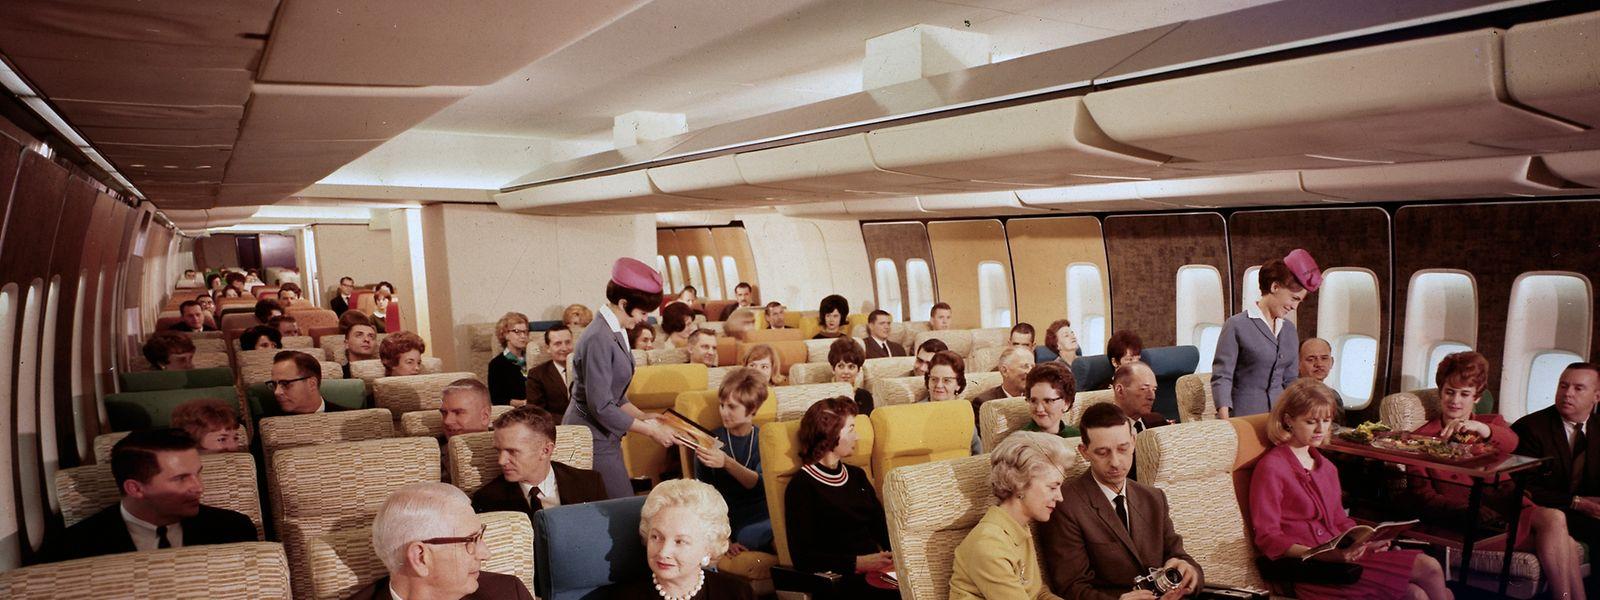 Die Boeing 747 verfügte aufgrund des breiten Rumpfs als erstes Passagierflugzeug über zwei Gänge zwischen den Sitzreihen.